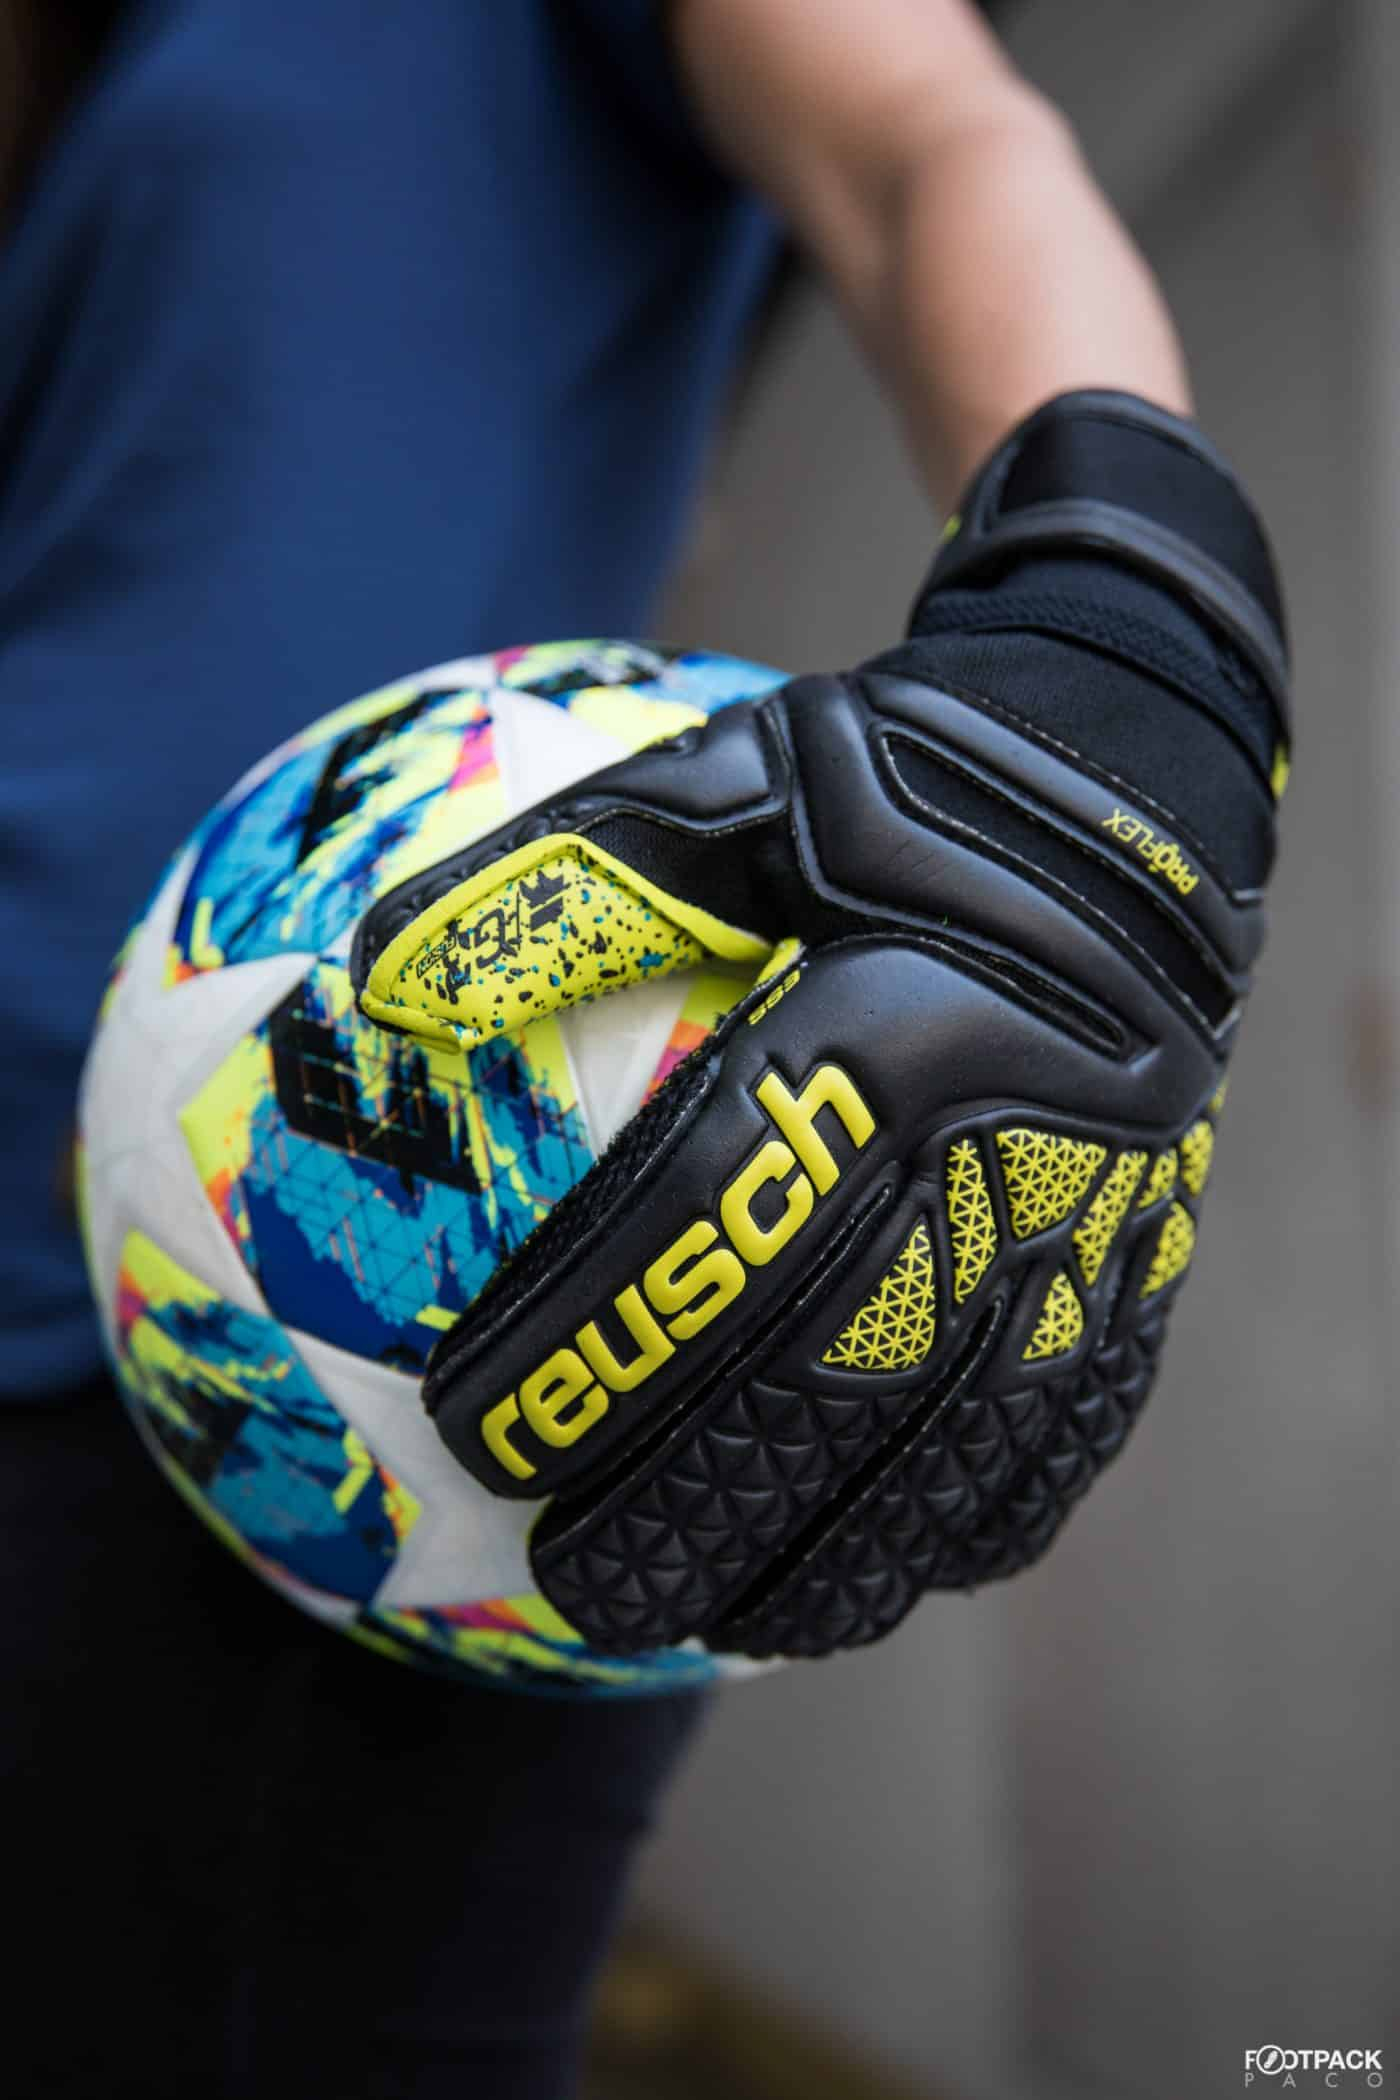 gants-reusch-hugo-lloris-4